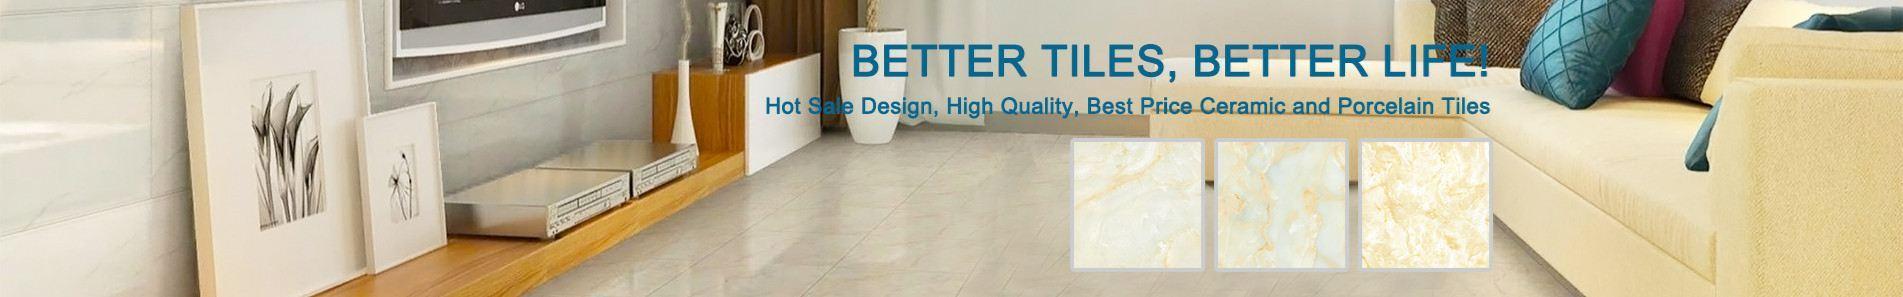 tiles-sanitary-wares